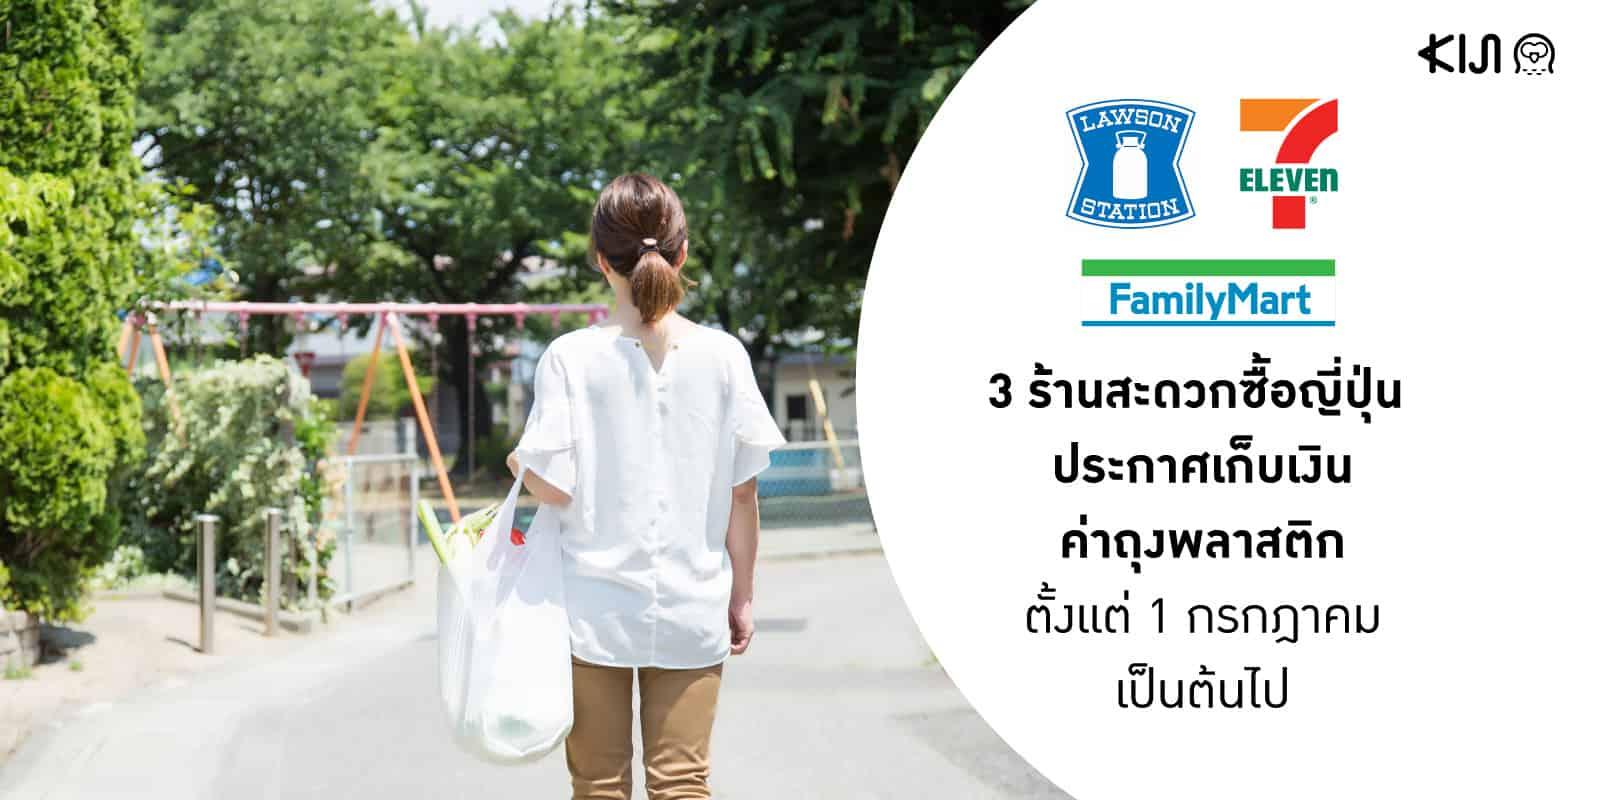 Lawson, 7-11 และ FamilyMart ญี่ปุ่น ประกาศเก็บเงินค่าถุงพลาสติก 1 กรกฎาคมนี้